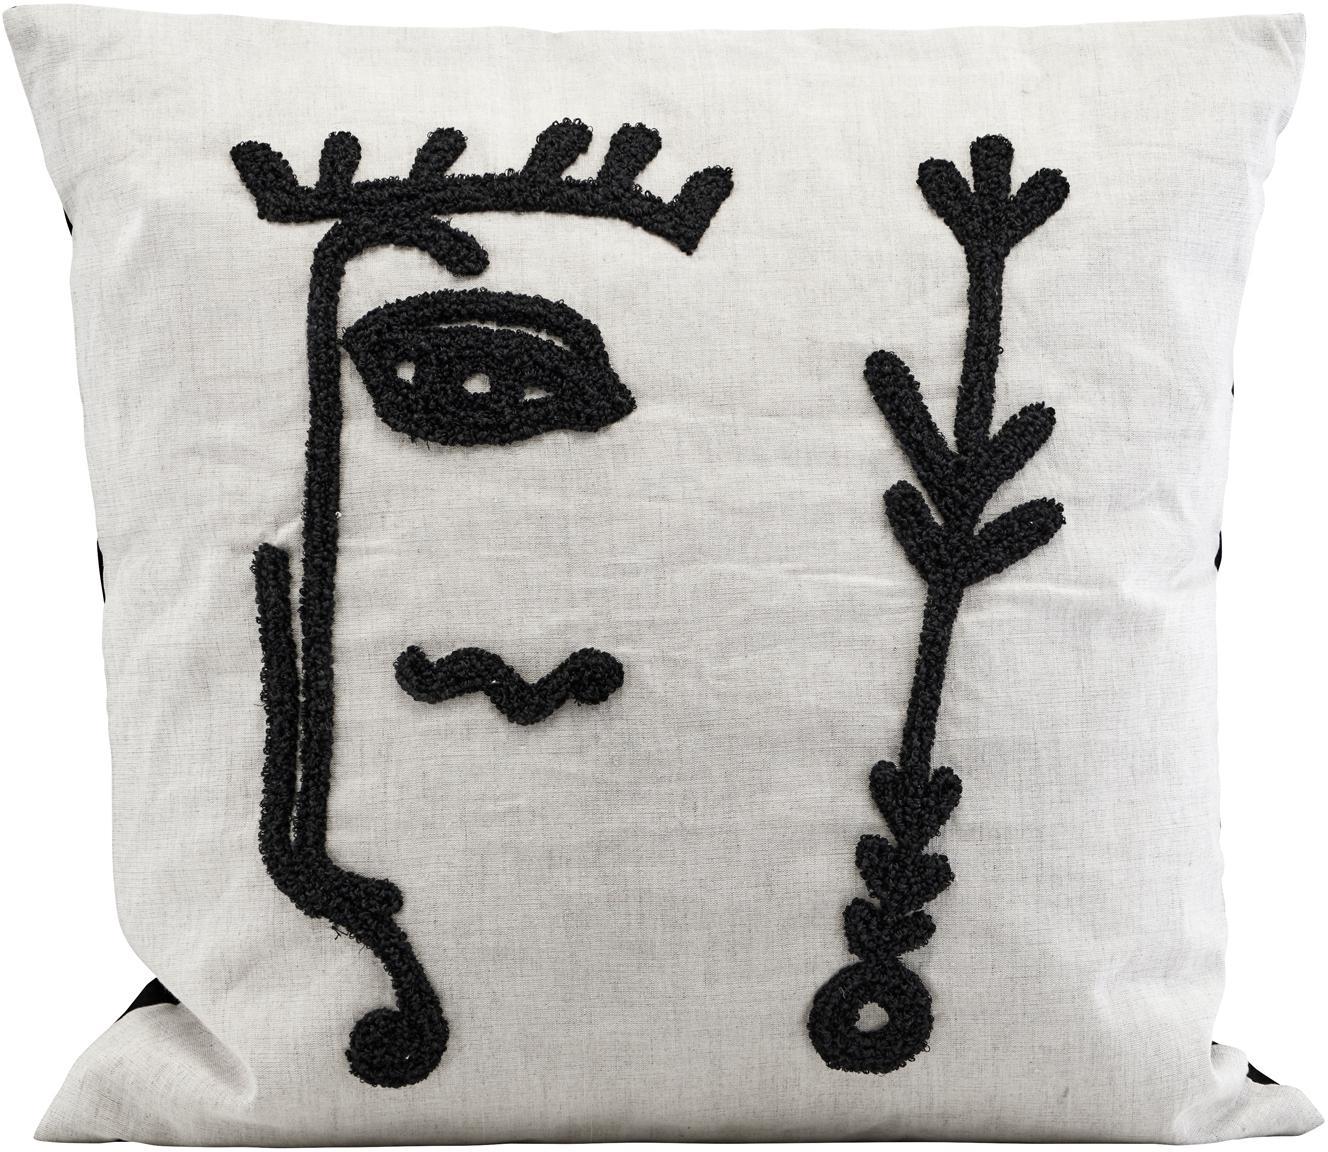 Kissenhülle Ingo mit abstrakter Stickerei, Vorderseite: Leinen, Baumwolle, Weiß, Schwarz, 50 x 50 cm